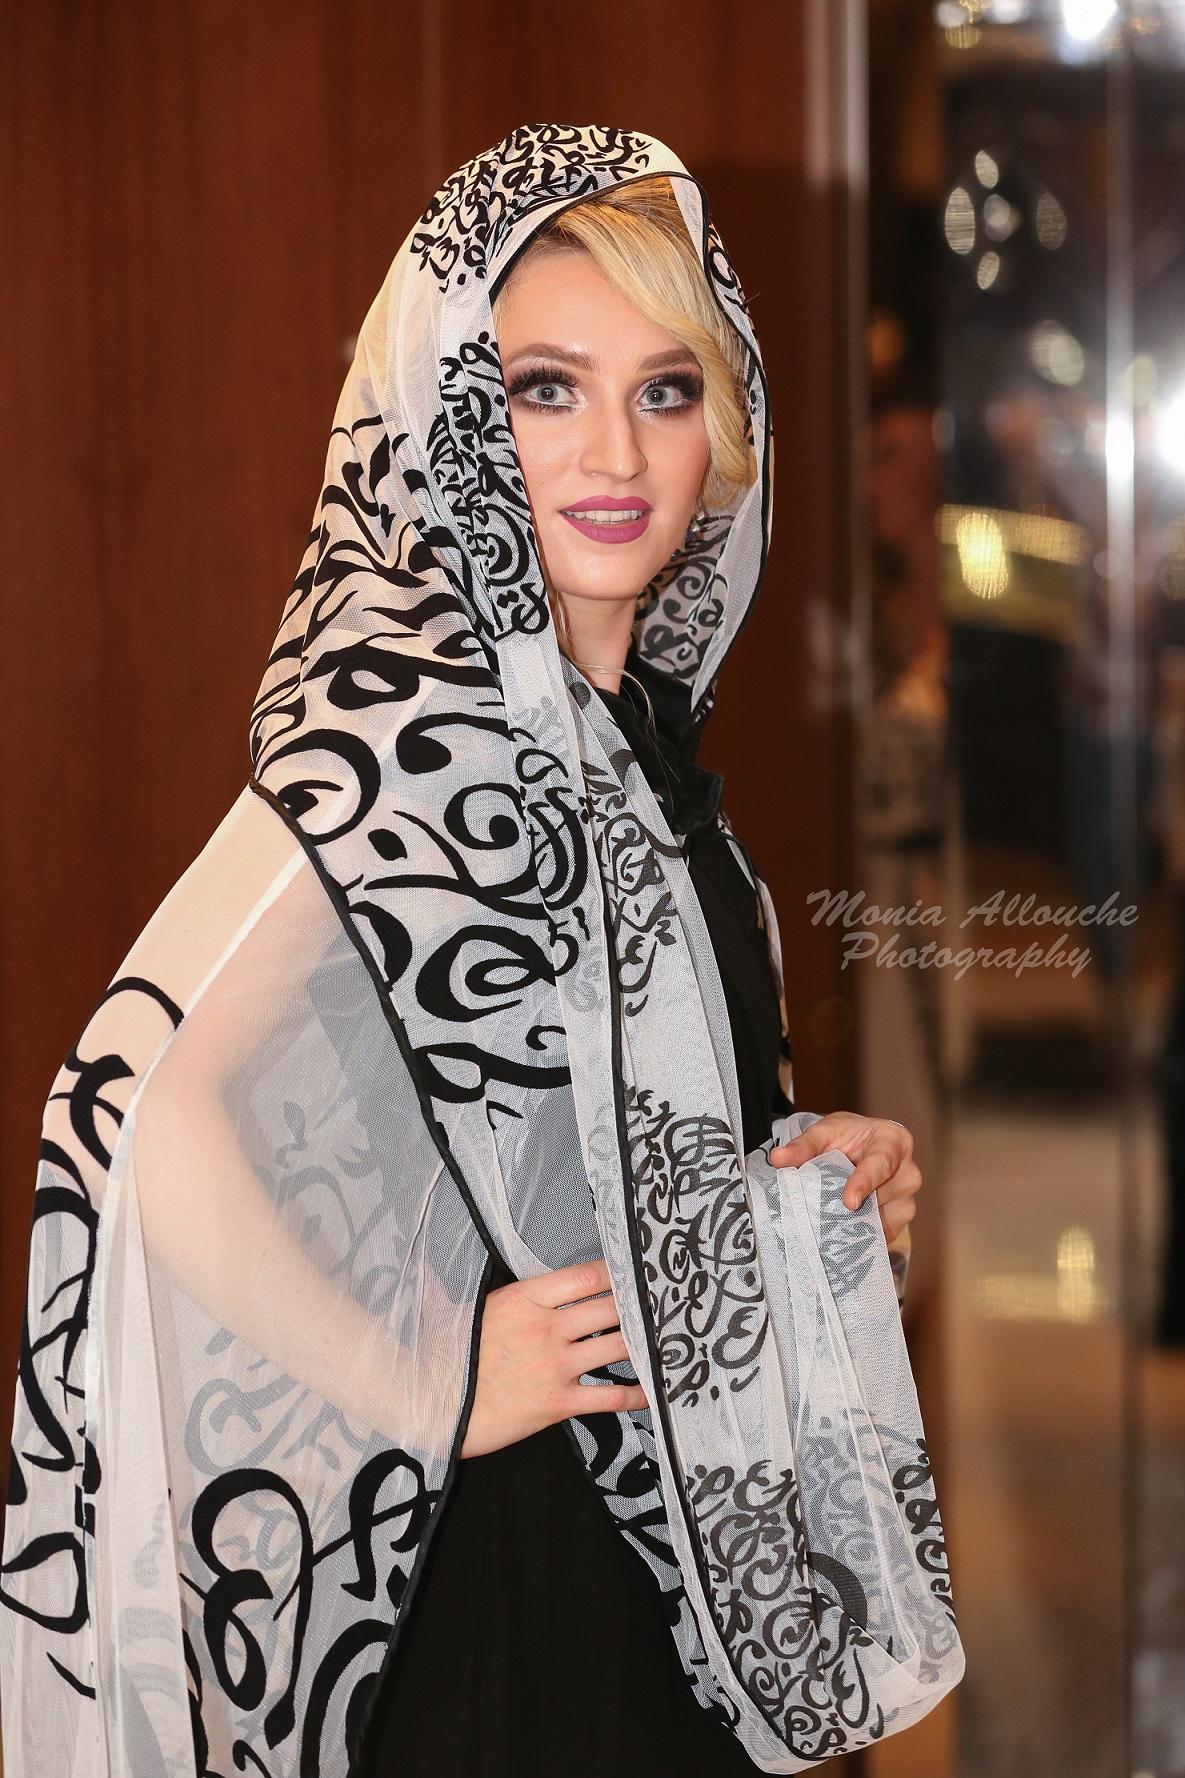 صورة المصممة آية الجوهري تطلق مجموعة مبهرة للمرأة الخليجية